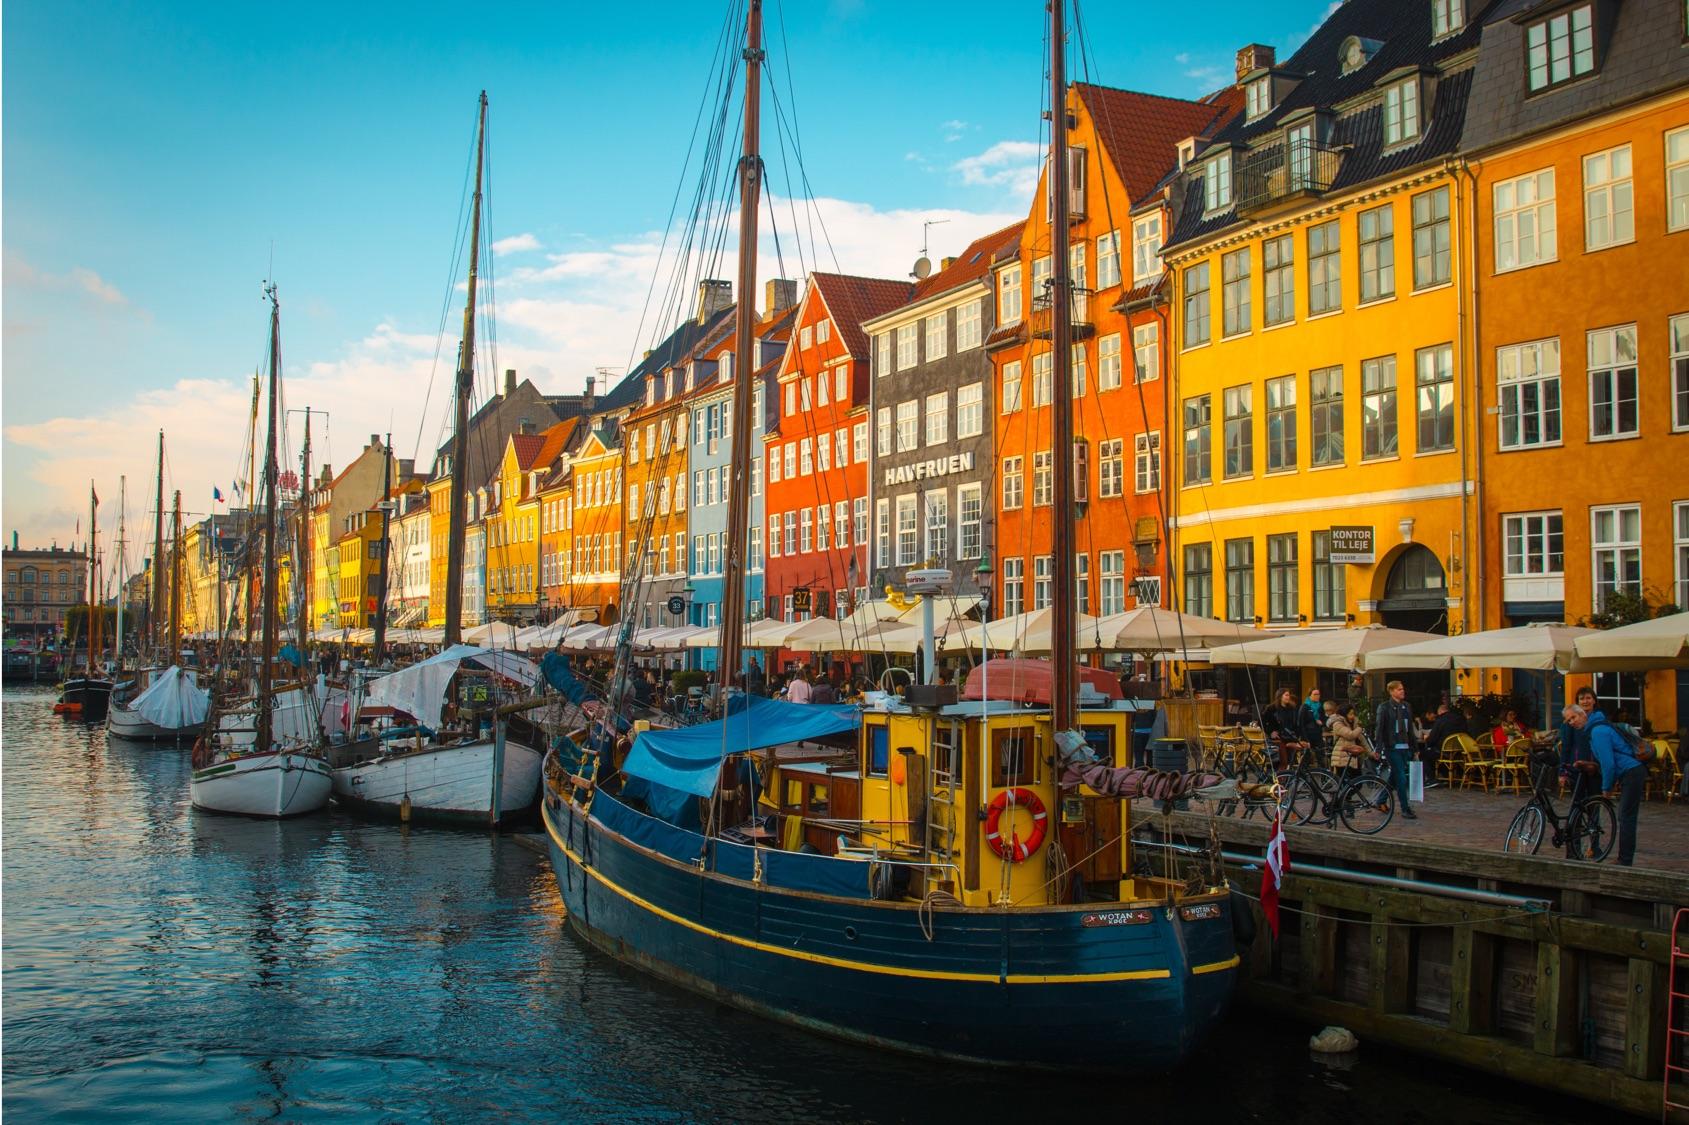 2022年 5/27 北歐豪華遊輪之旅12日 5/28 抵達丹麥哥本哈根 Copenhagen,Denmark